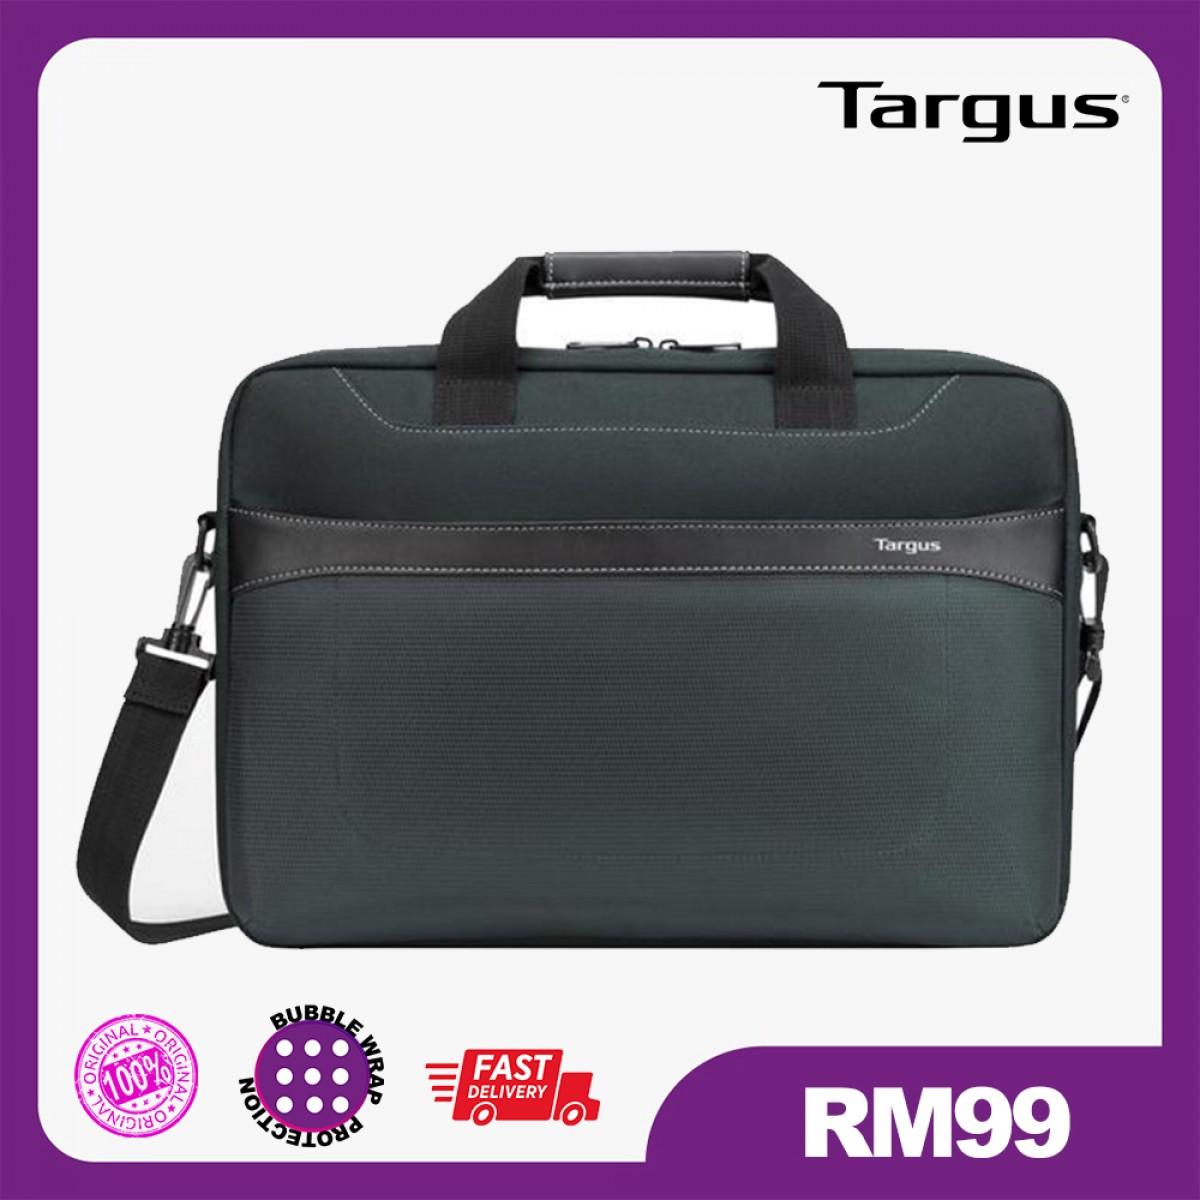 Targus Geolite Essential 15.6